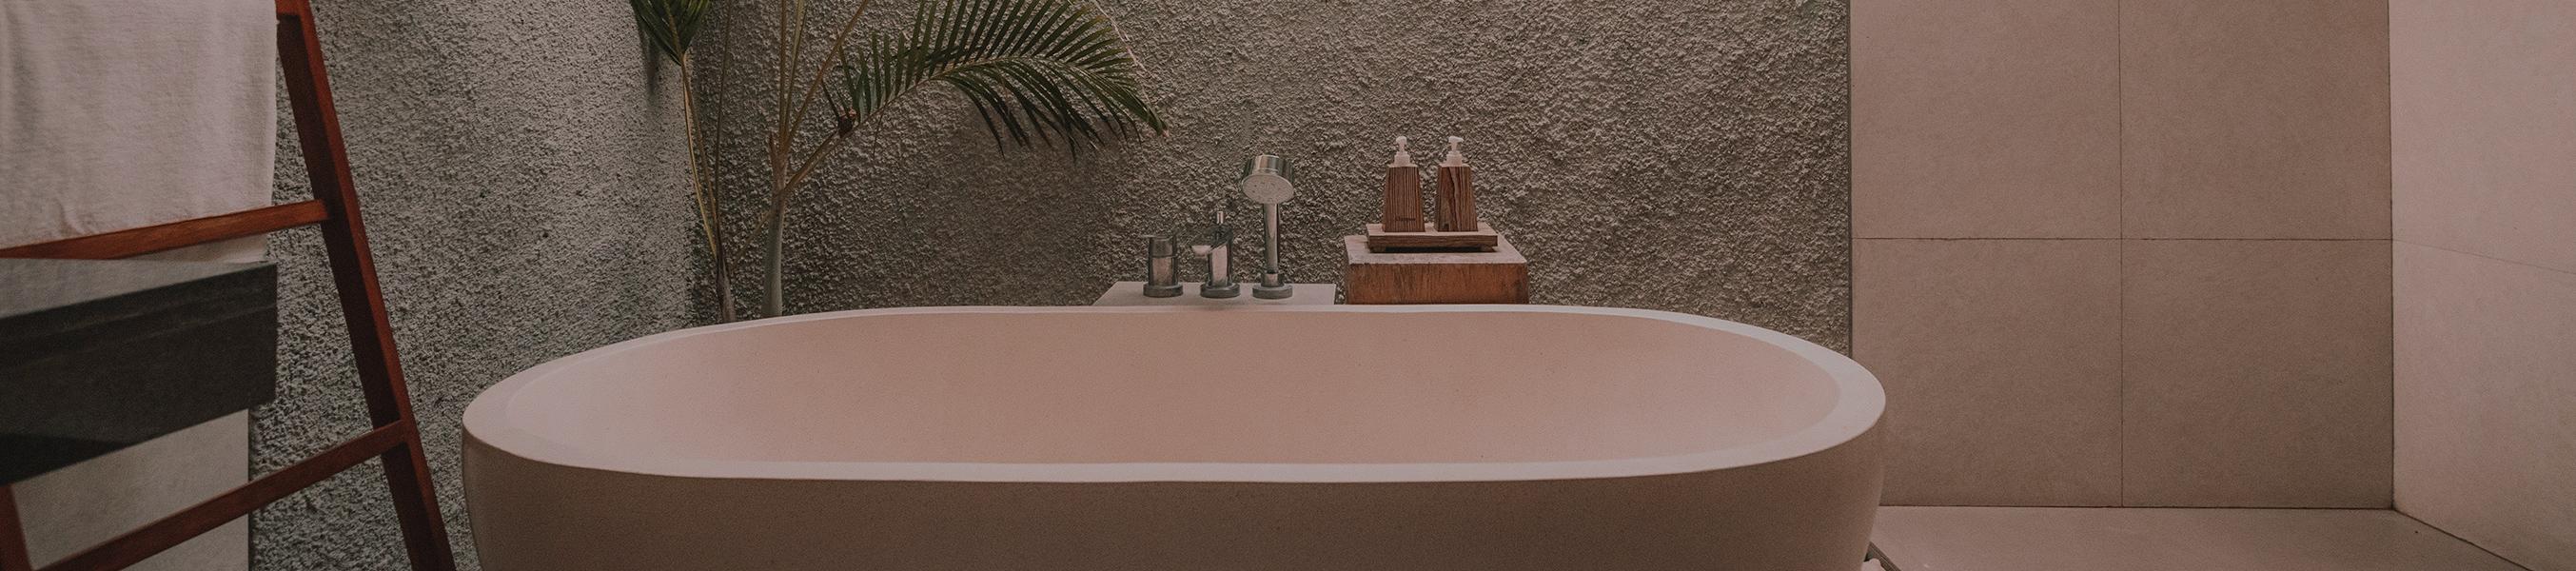 installation salle de bain seine et marne 77